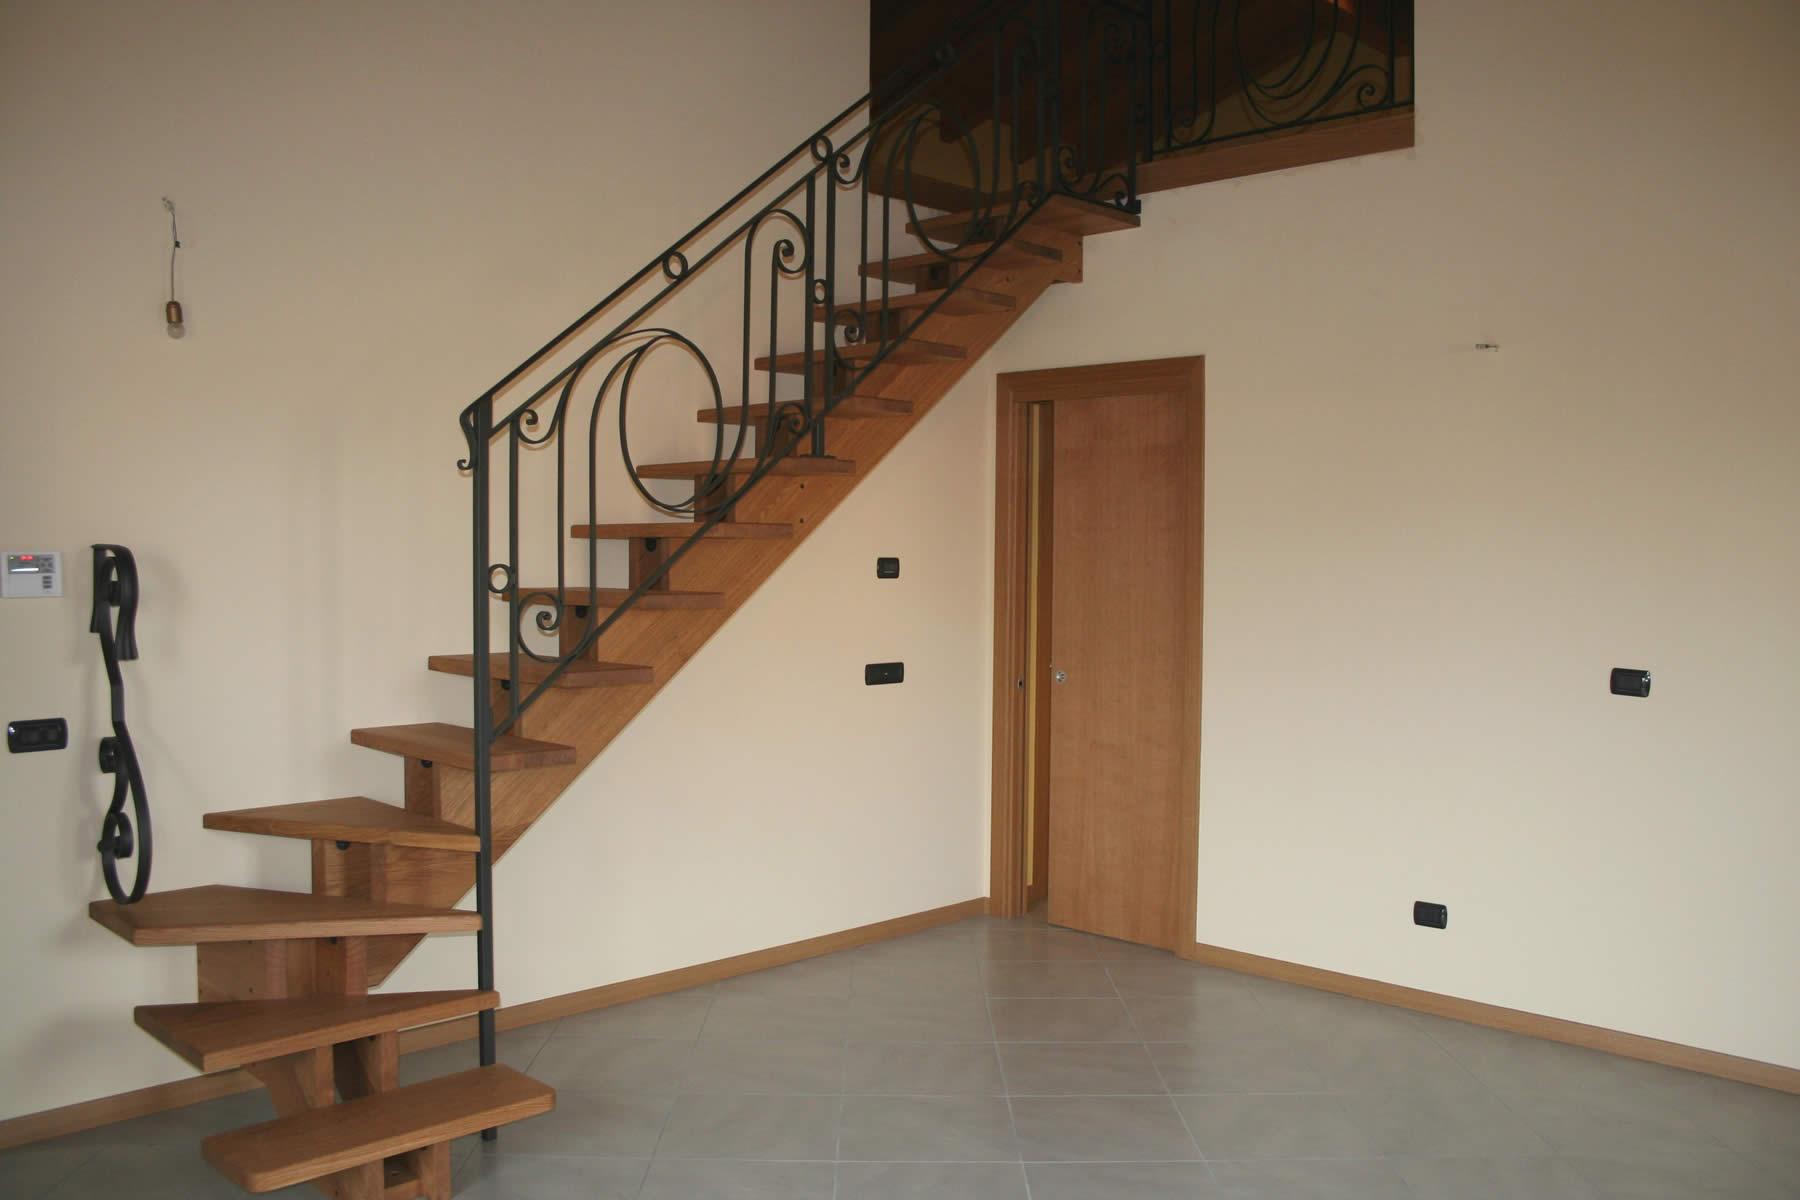 Ringhiere per scale interne | SCALE DELLA CORTE